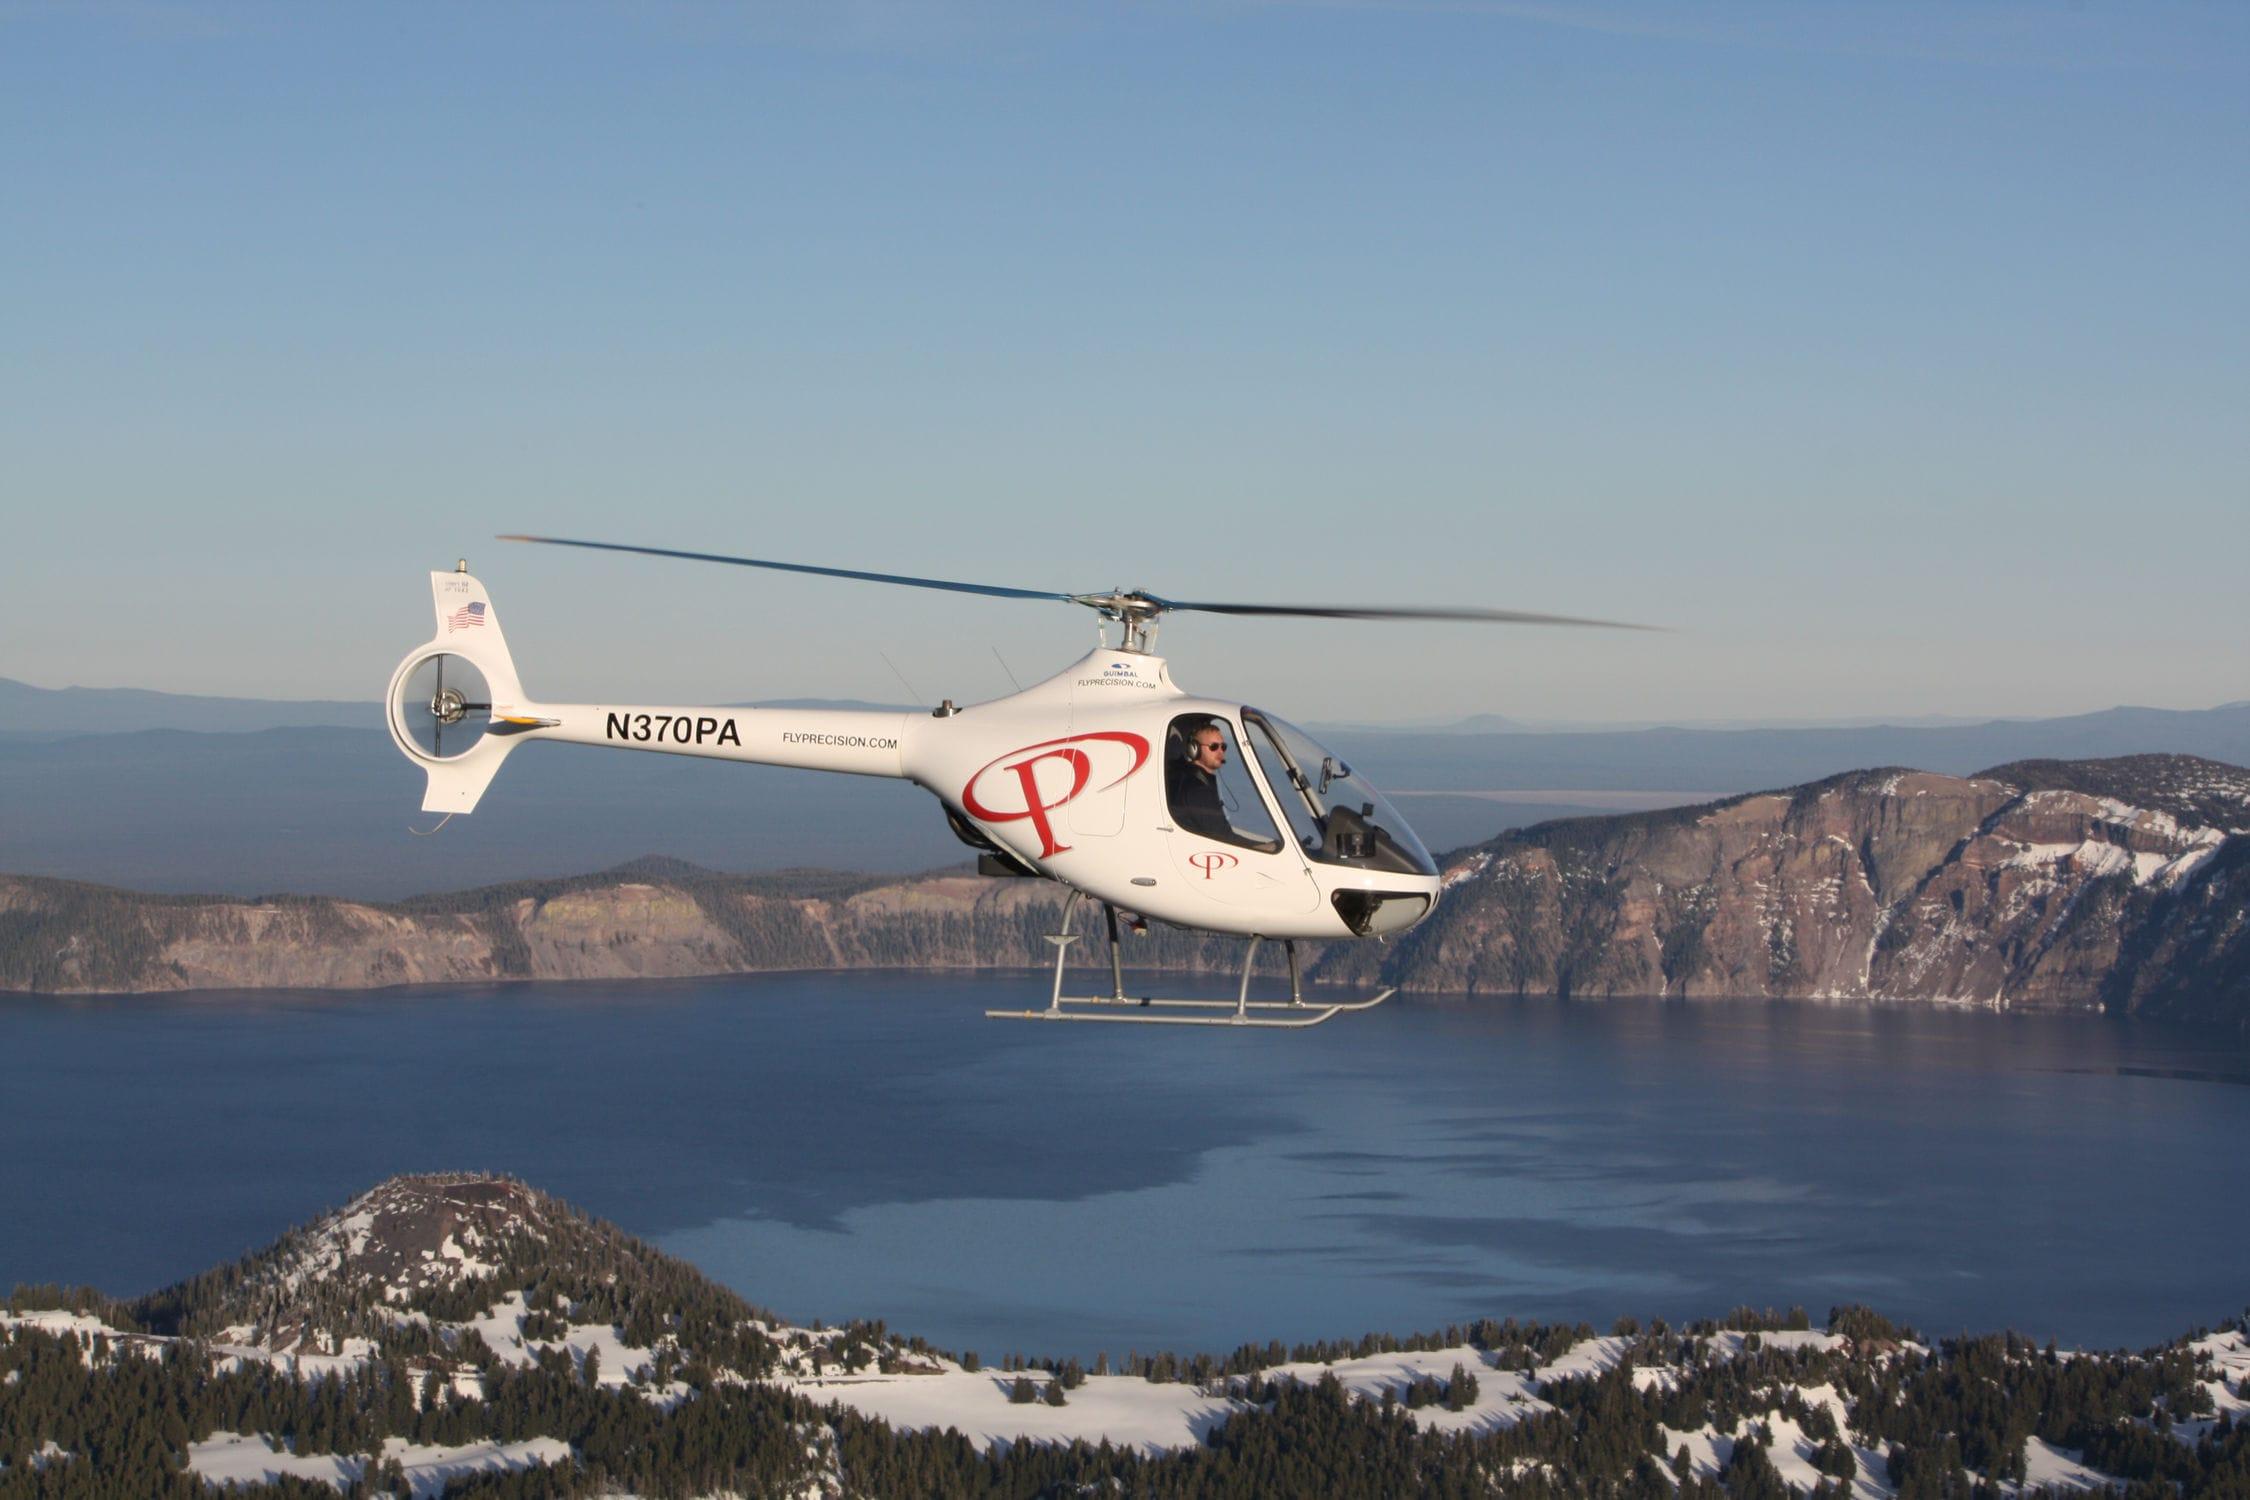 Elicottero R22 : Elicottero rimosso dalle piste domenica di paura a foppolo foto